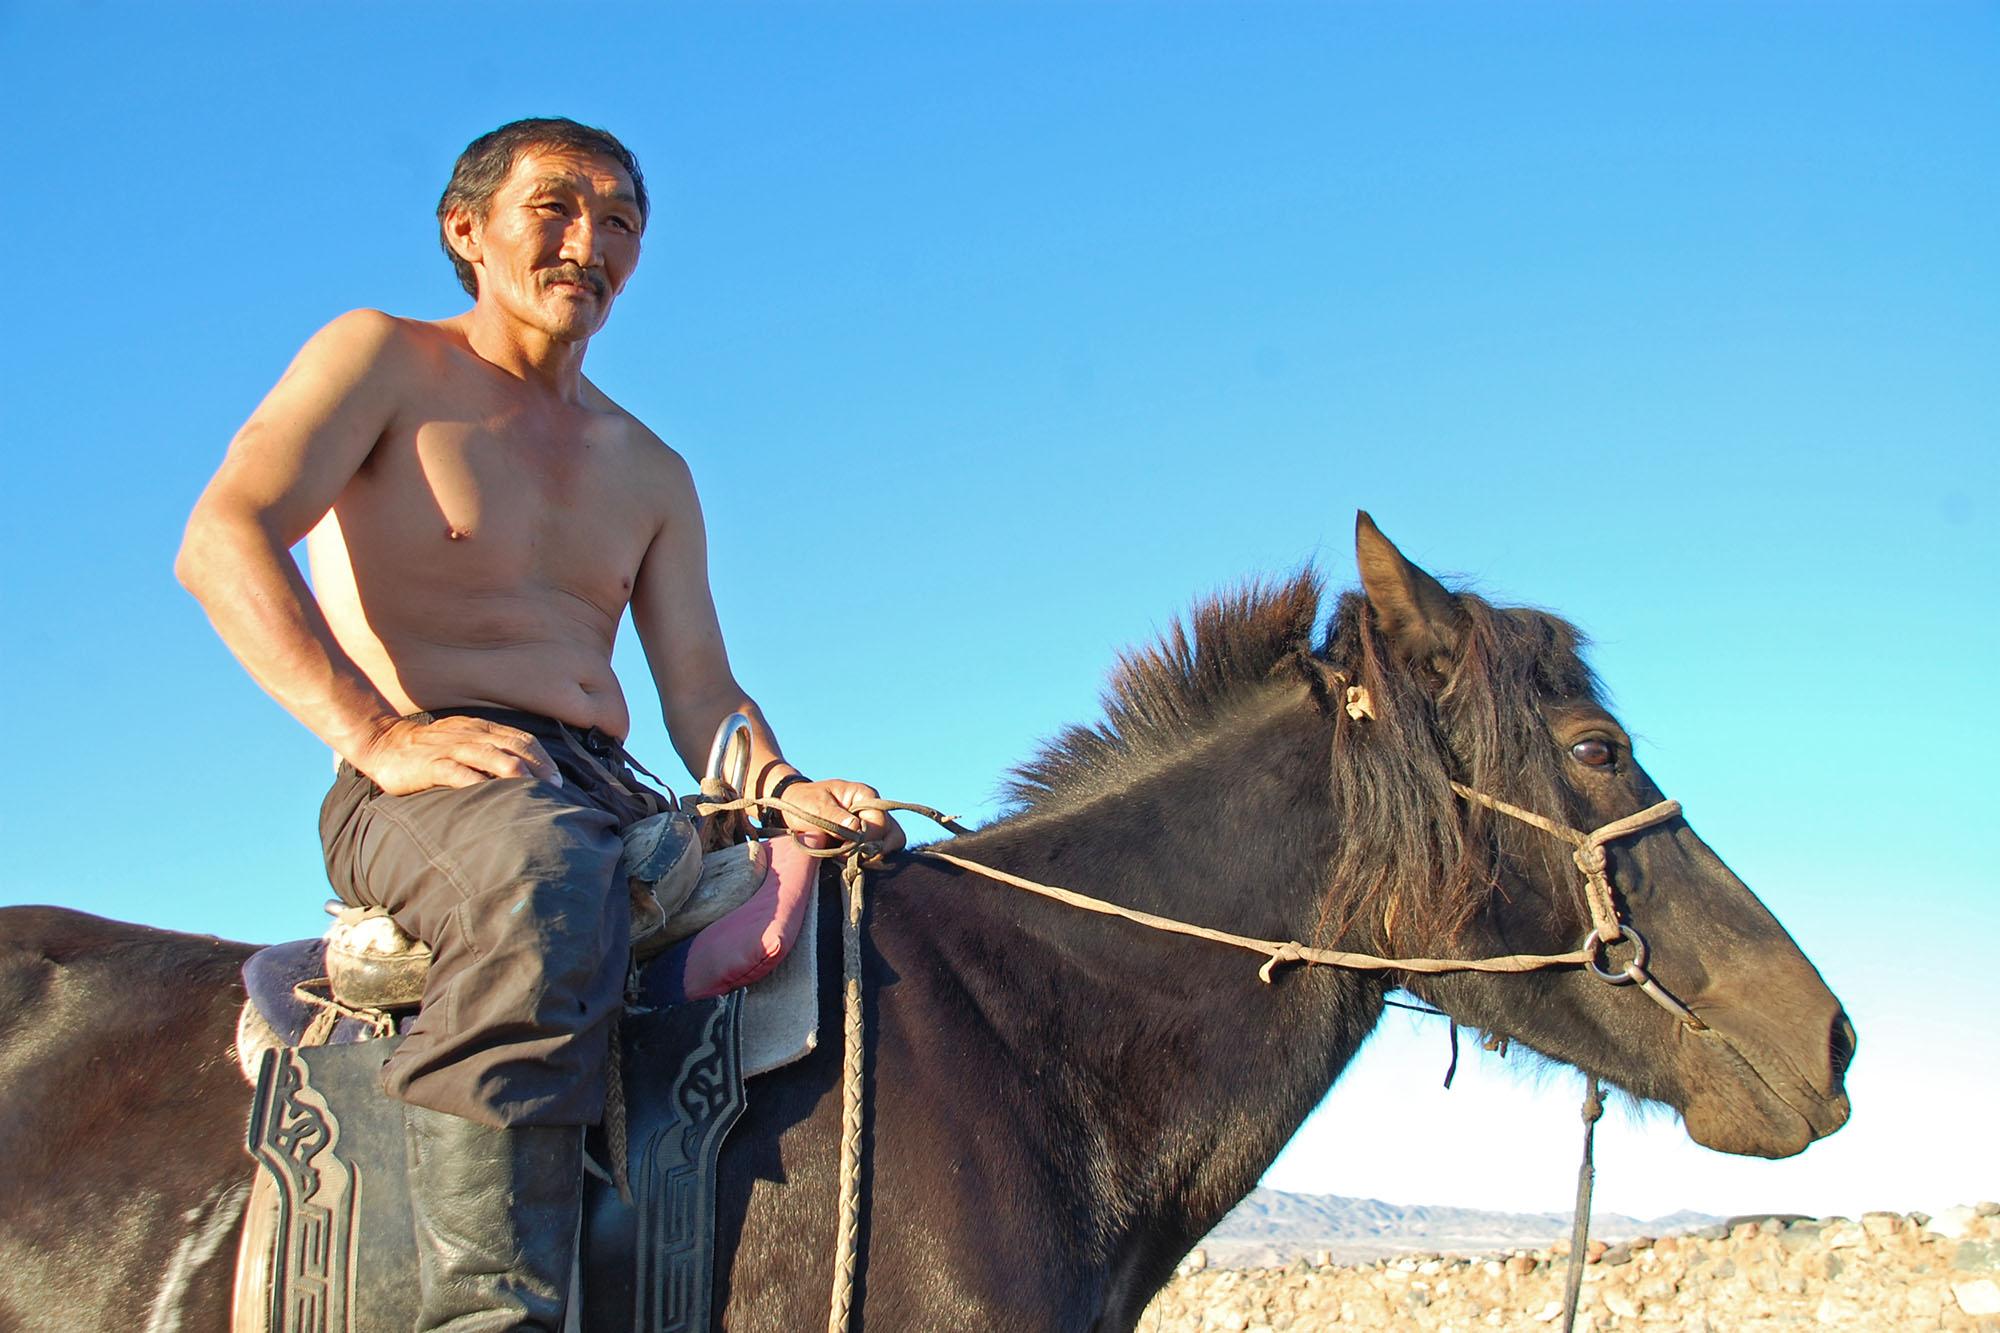 Noen ganger møtte vi folk også, og de var nysgjerrige og ville gjerne titte på bilen og vi fikk sitte på hesten.